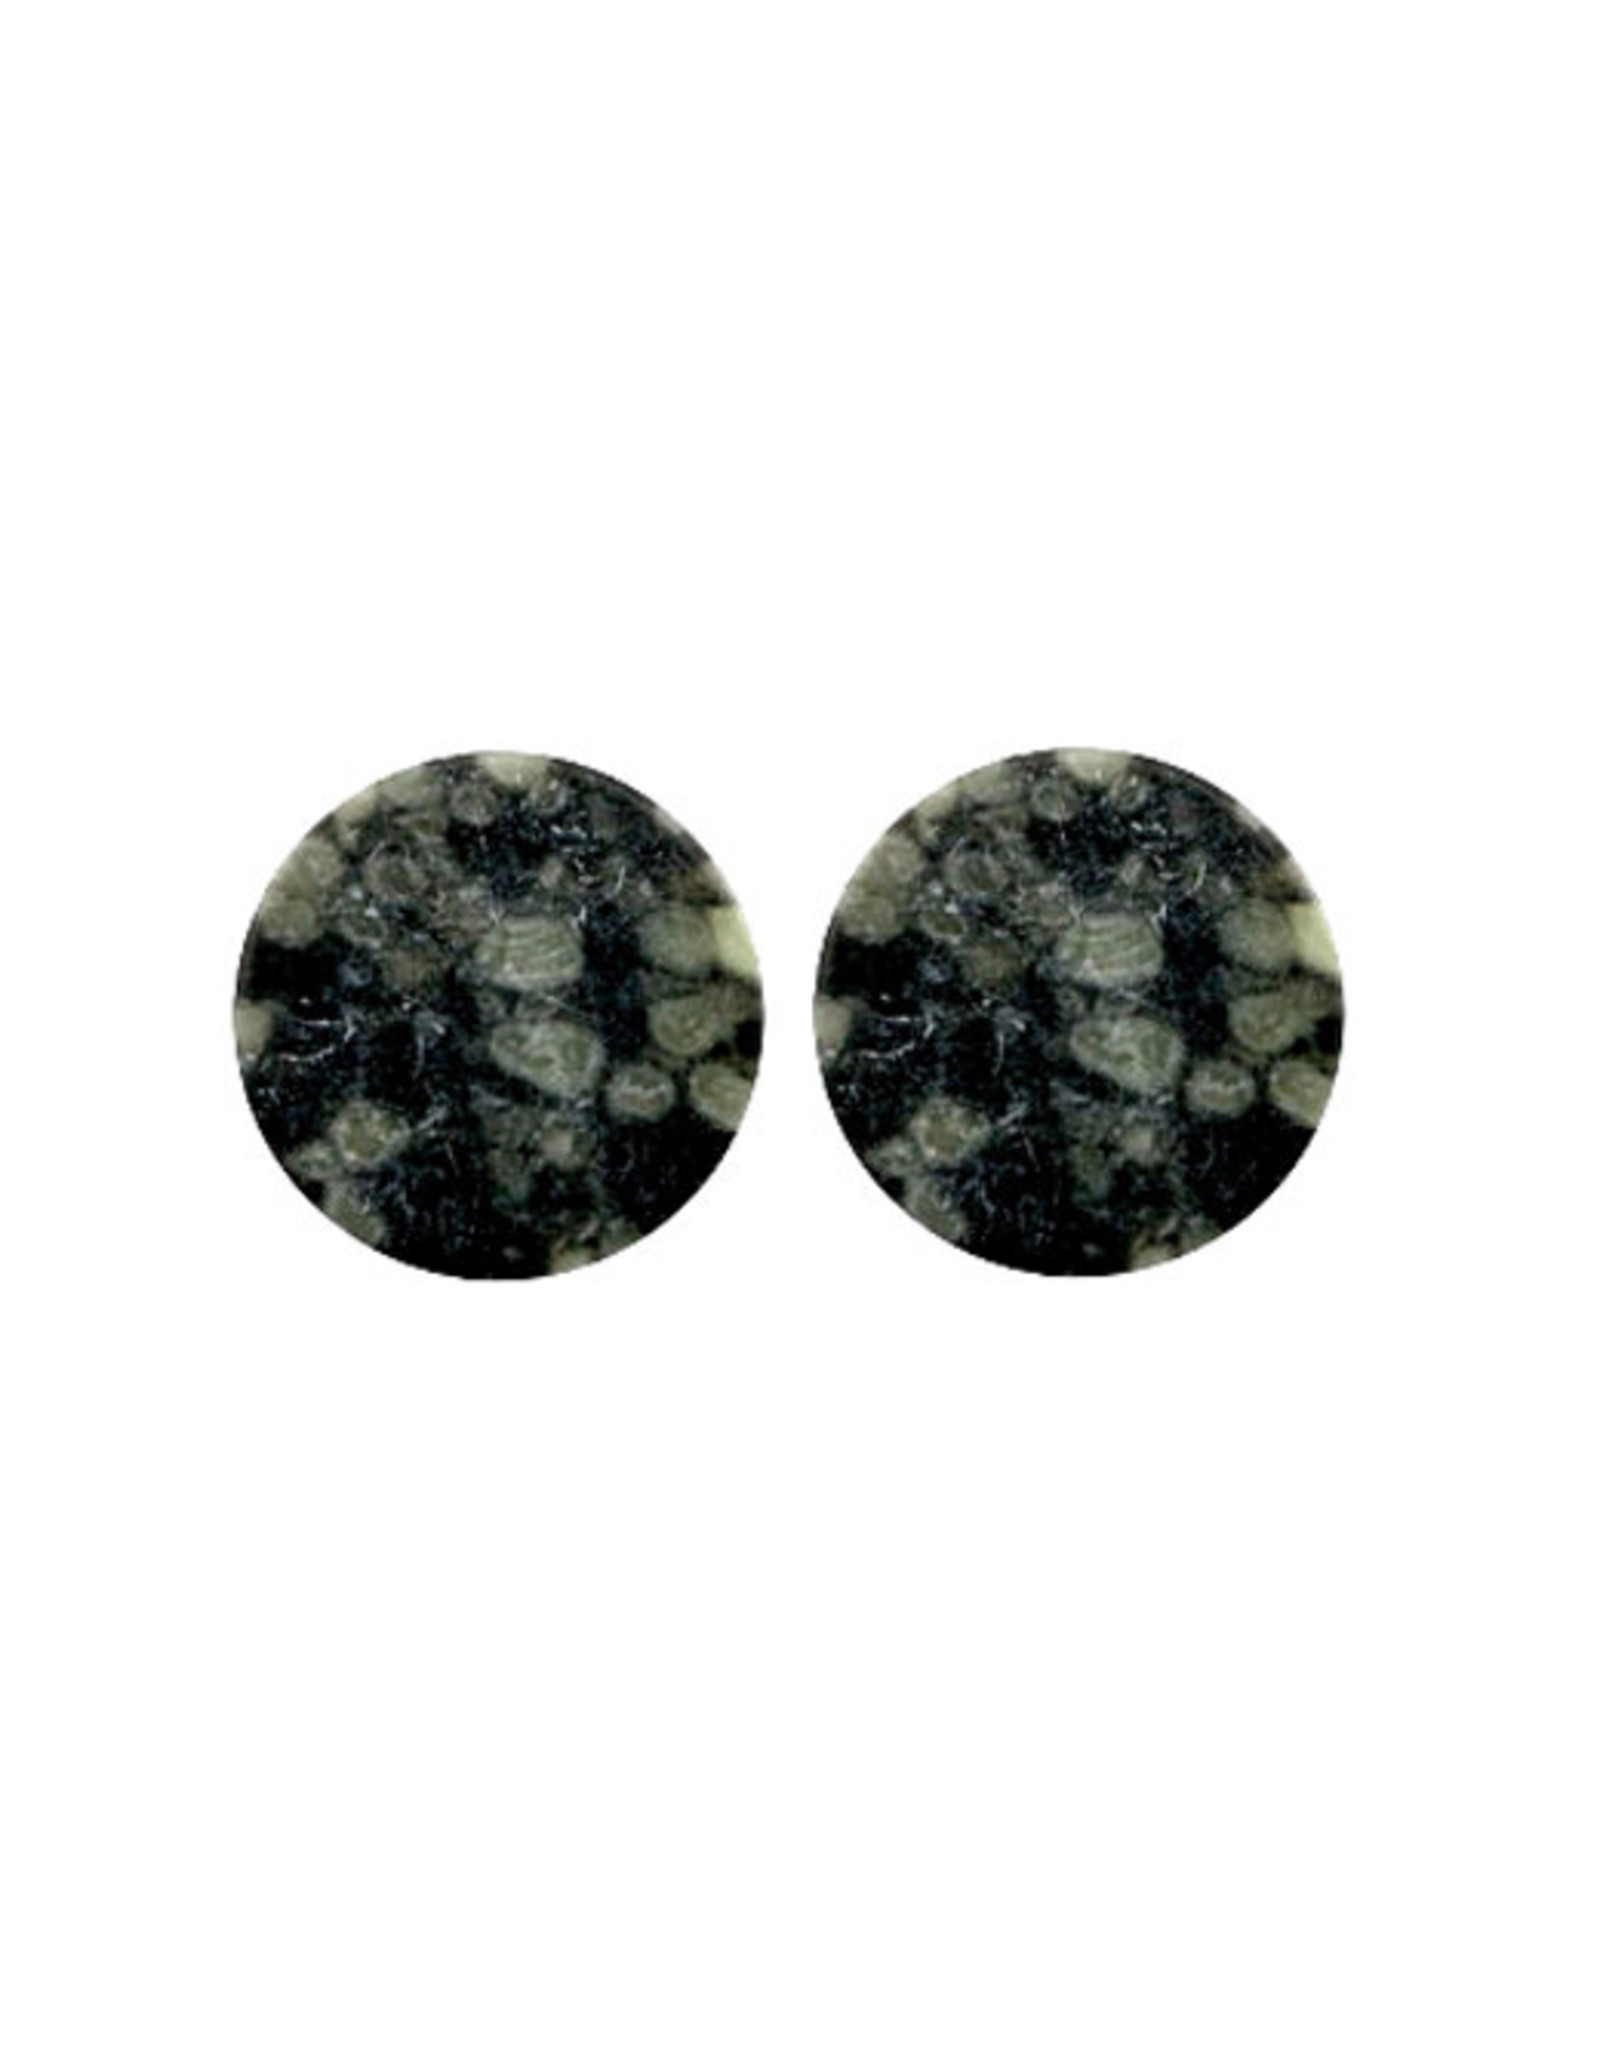 Stekers plat 20mm stone grijsgroen